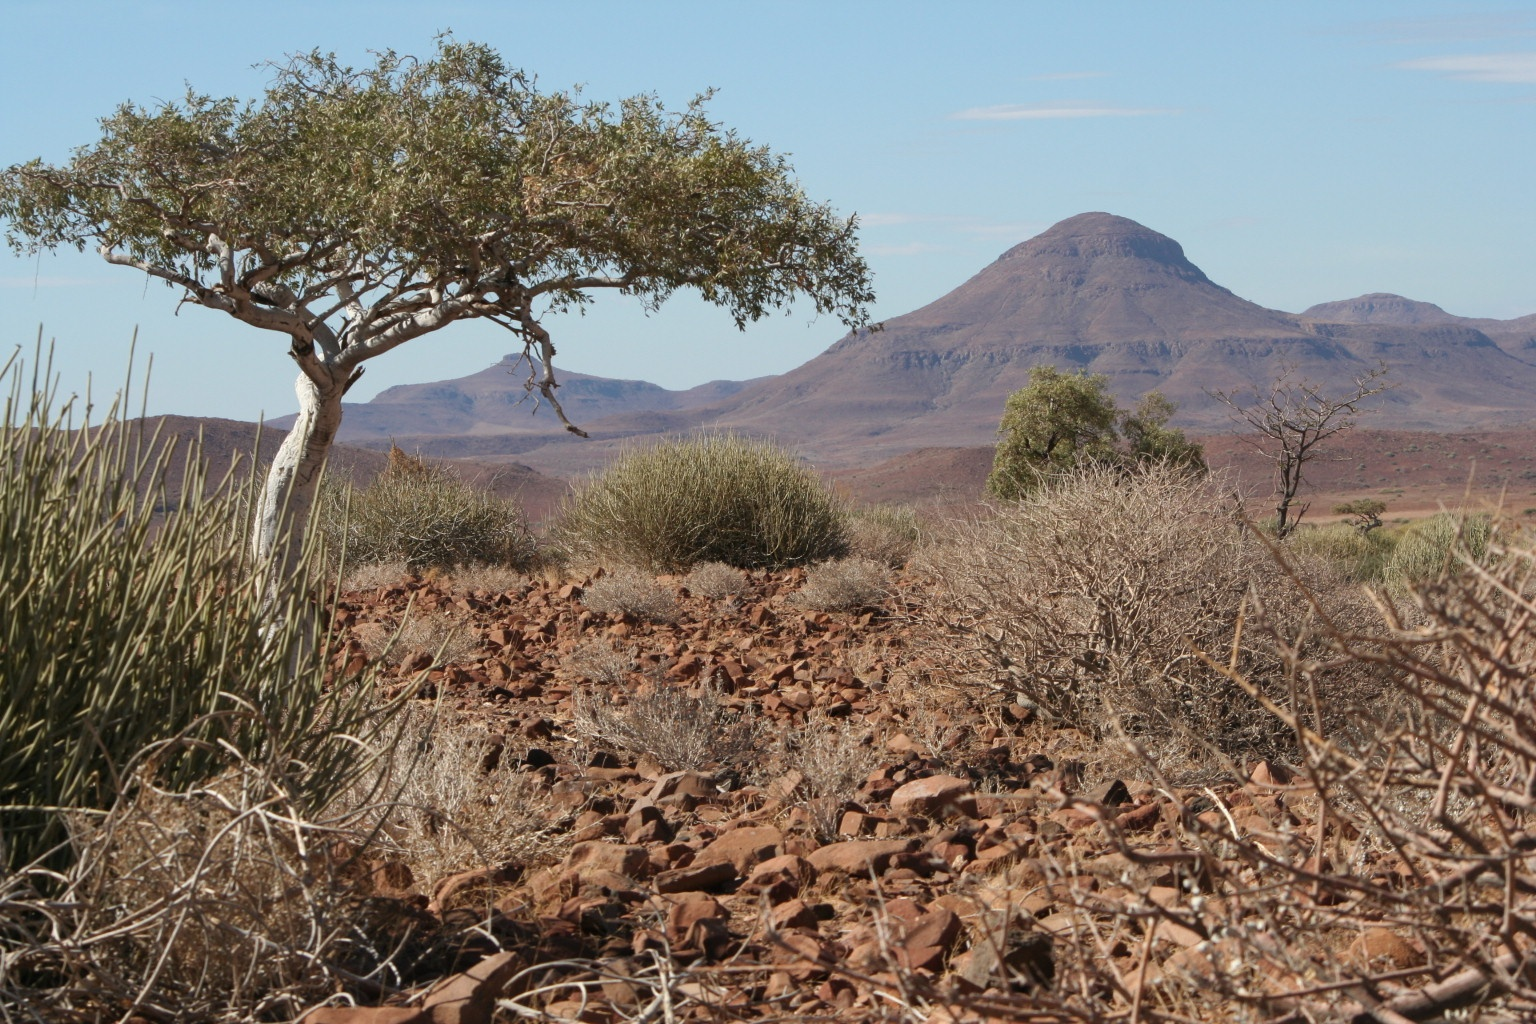 Damaraland landscape